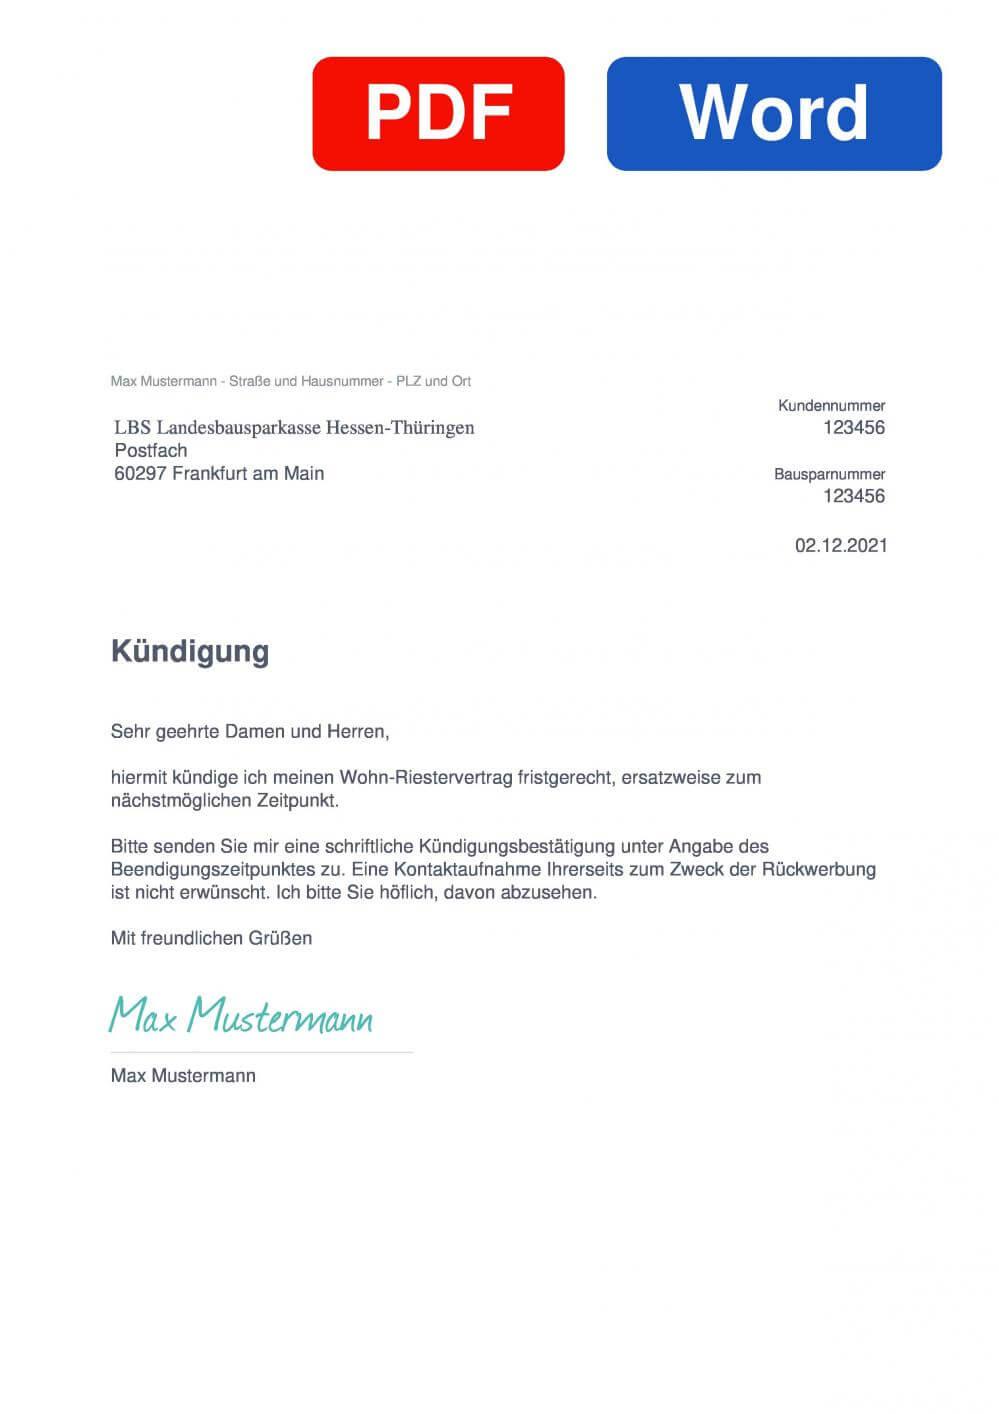 LBS Landesbausparkasse Hessen-Thüringen Muster Vorlage für Kündigungsschreiben